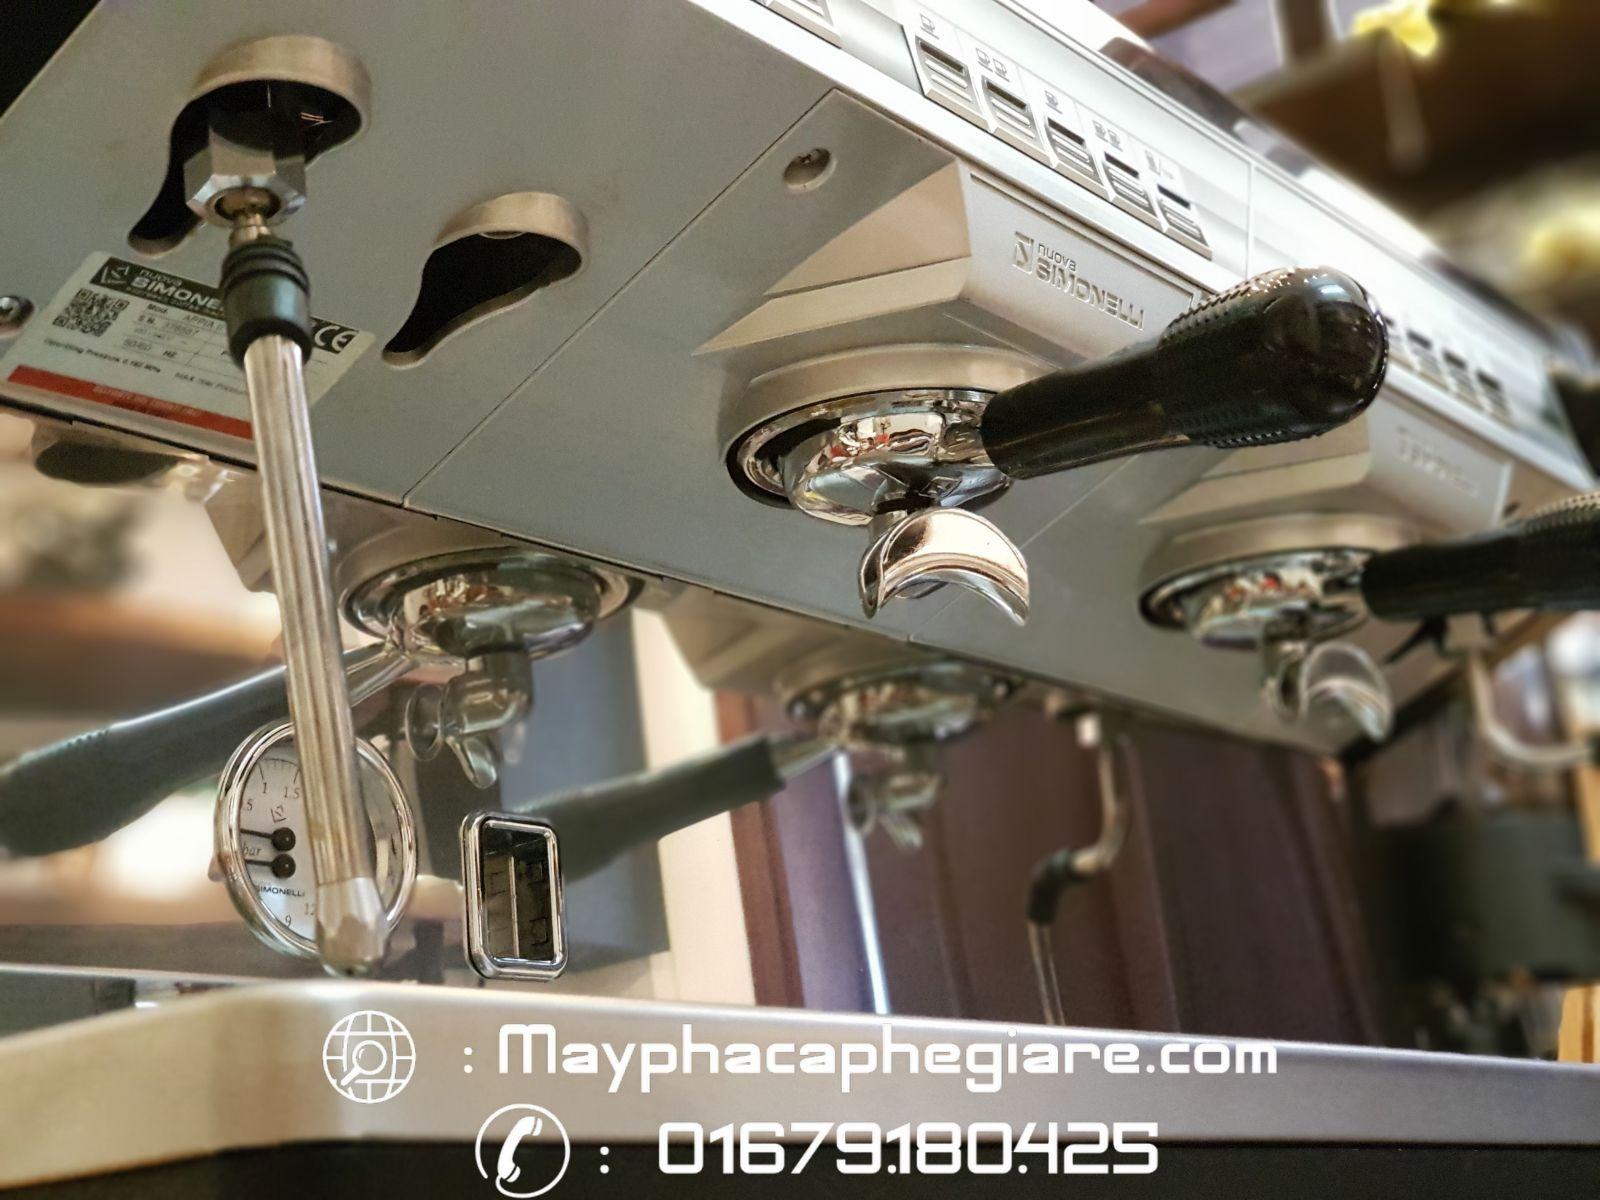 Tiện ích của máy pha cà phê nuova simonelli appia ii 1 group